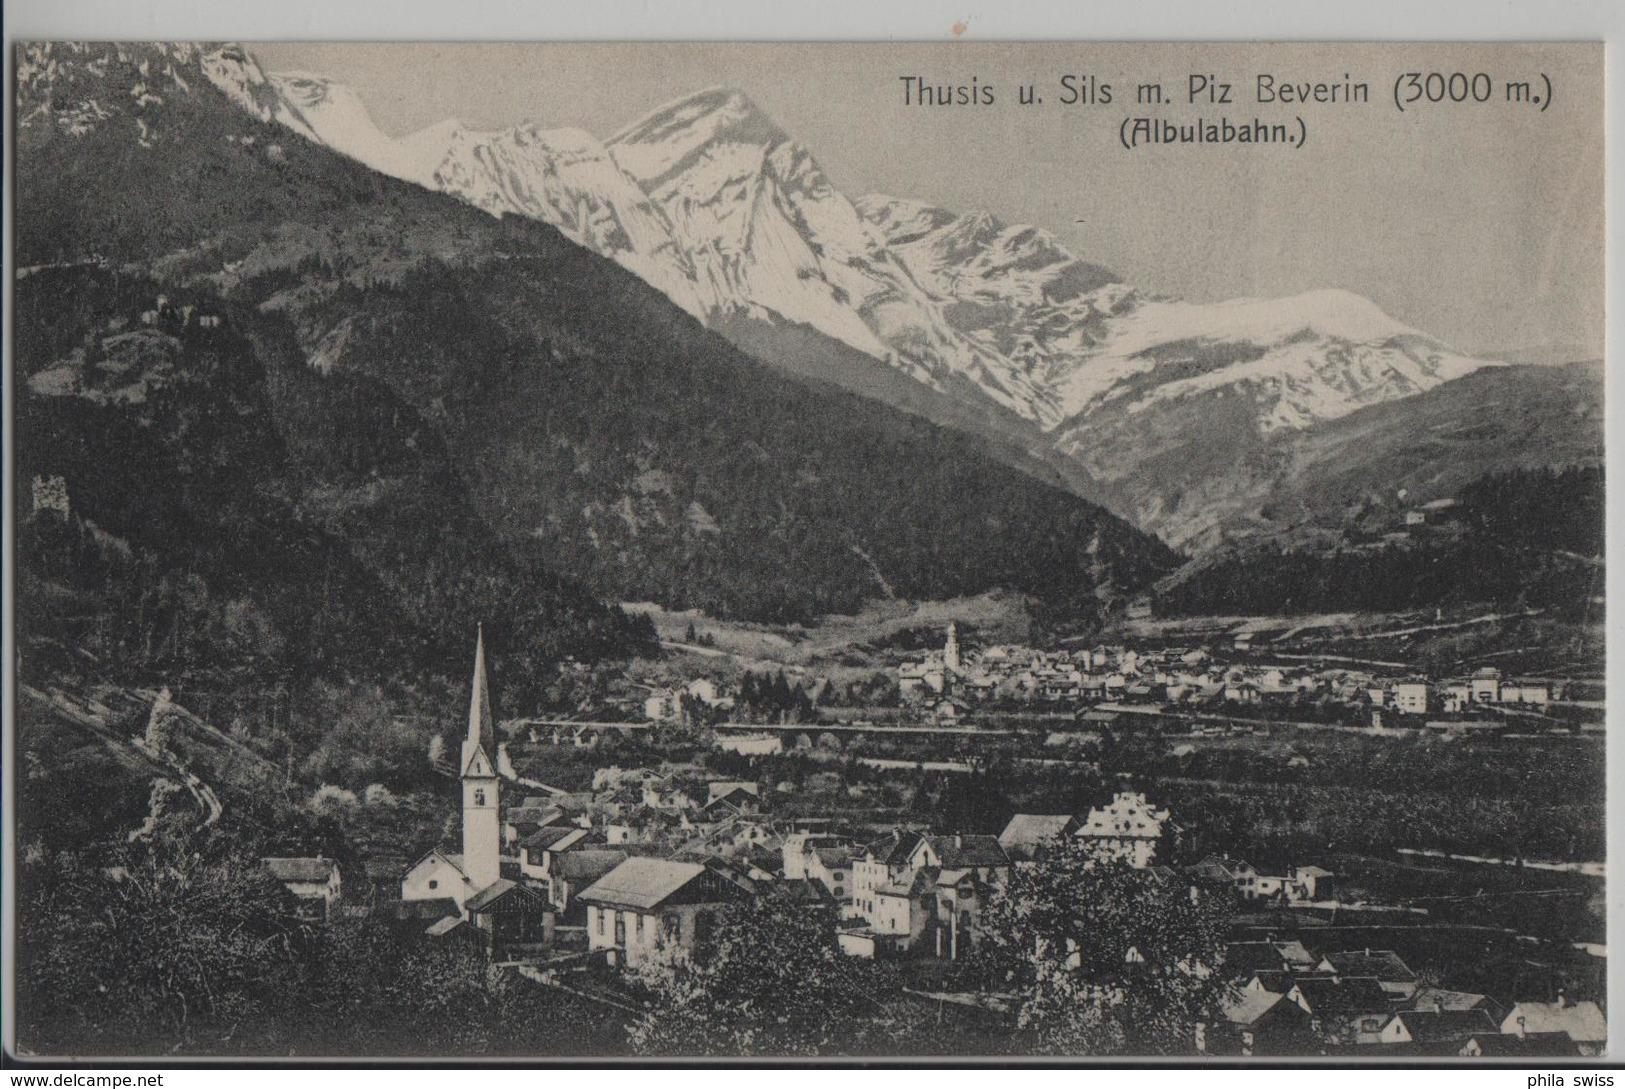 Thusis Und Sils Mit Piz Beverin (3000 M) Albulabahn - GR Grisons